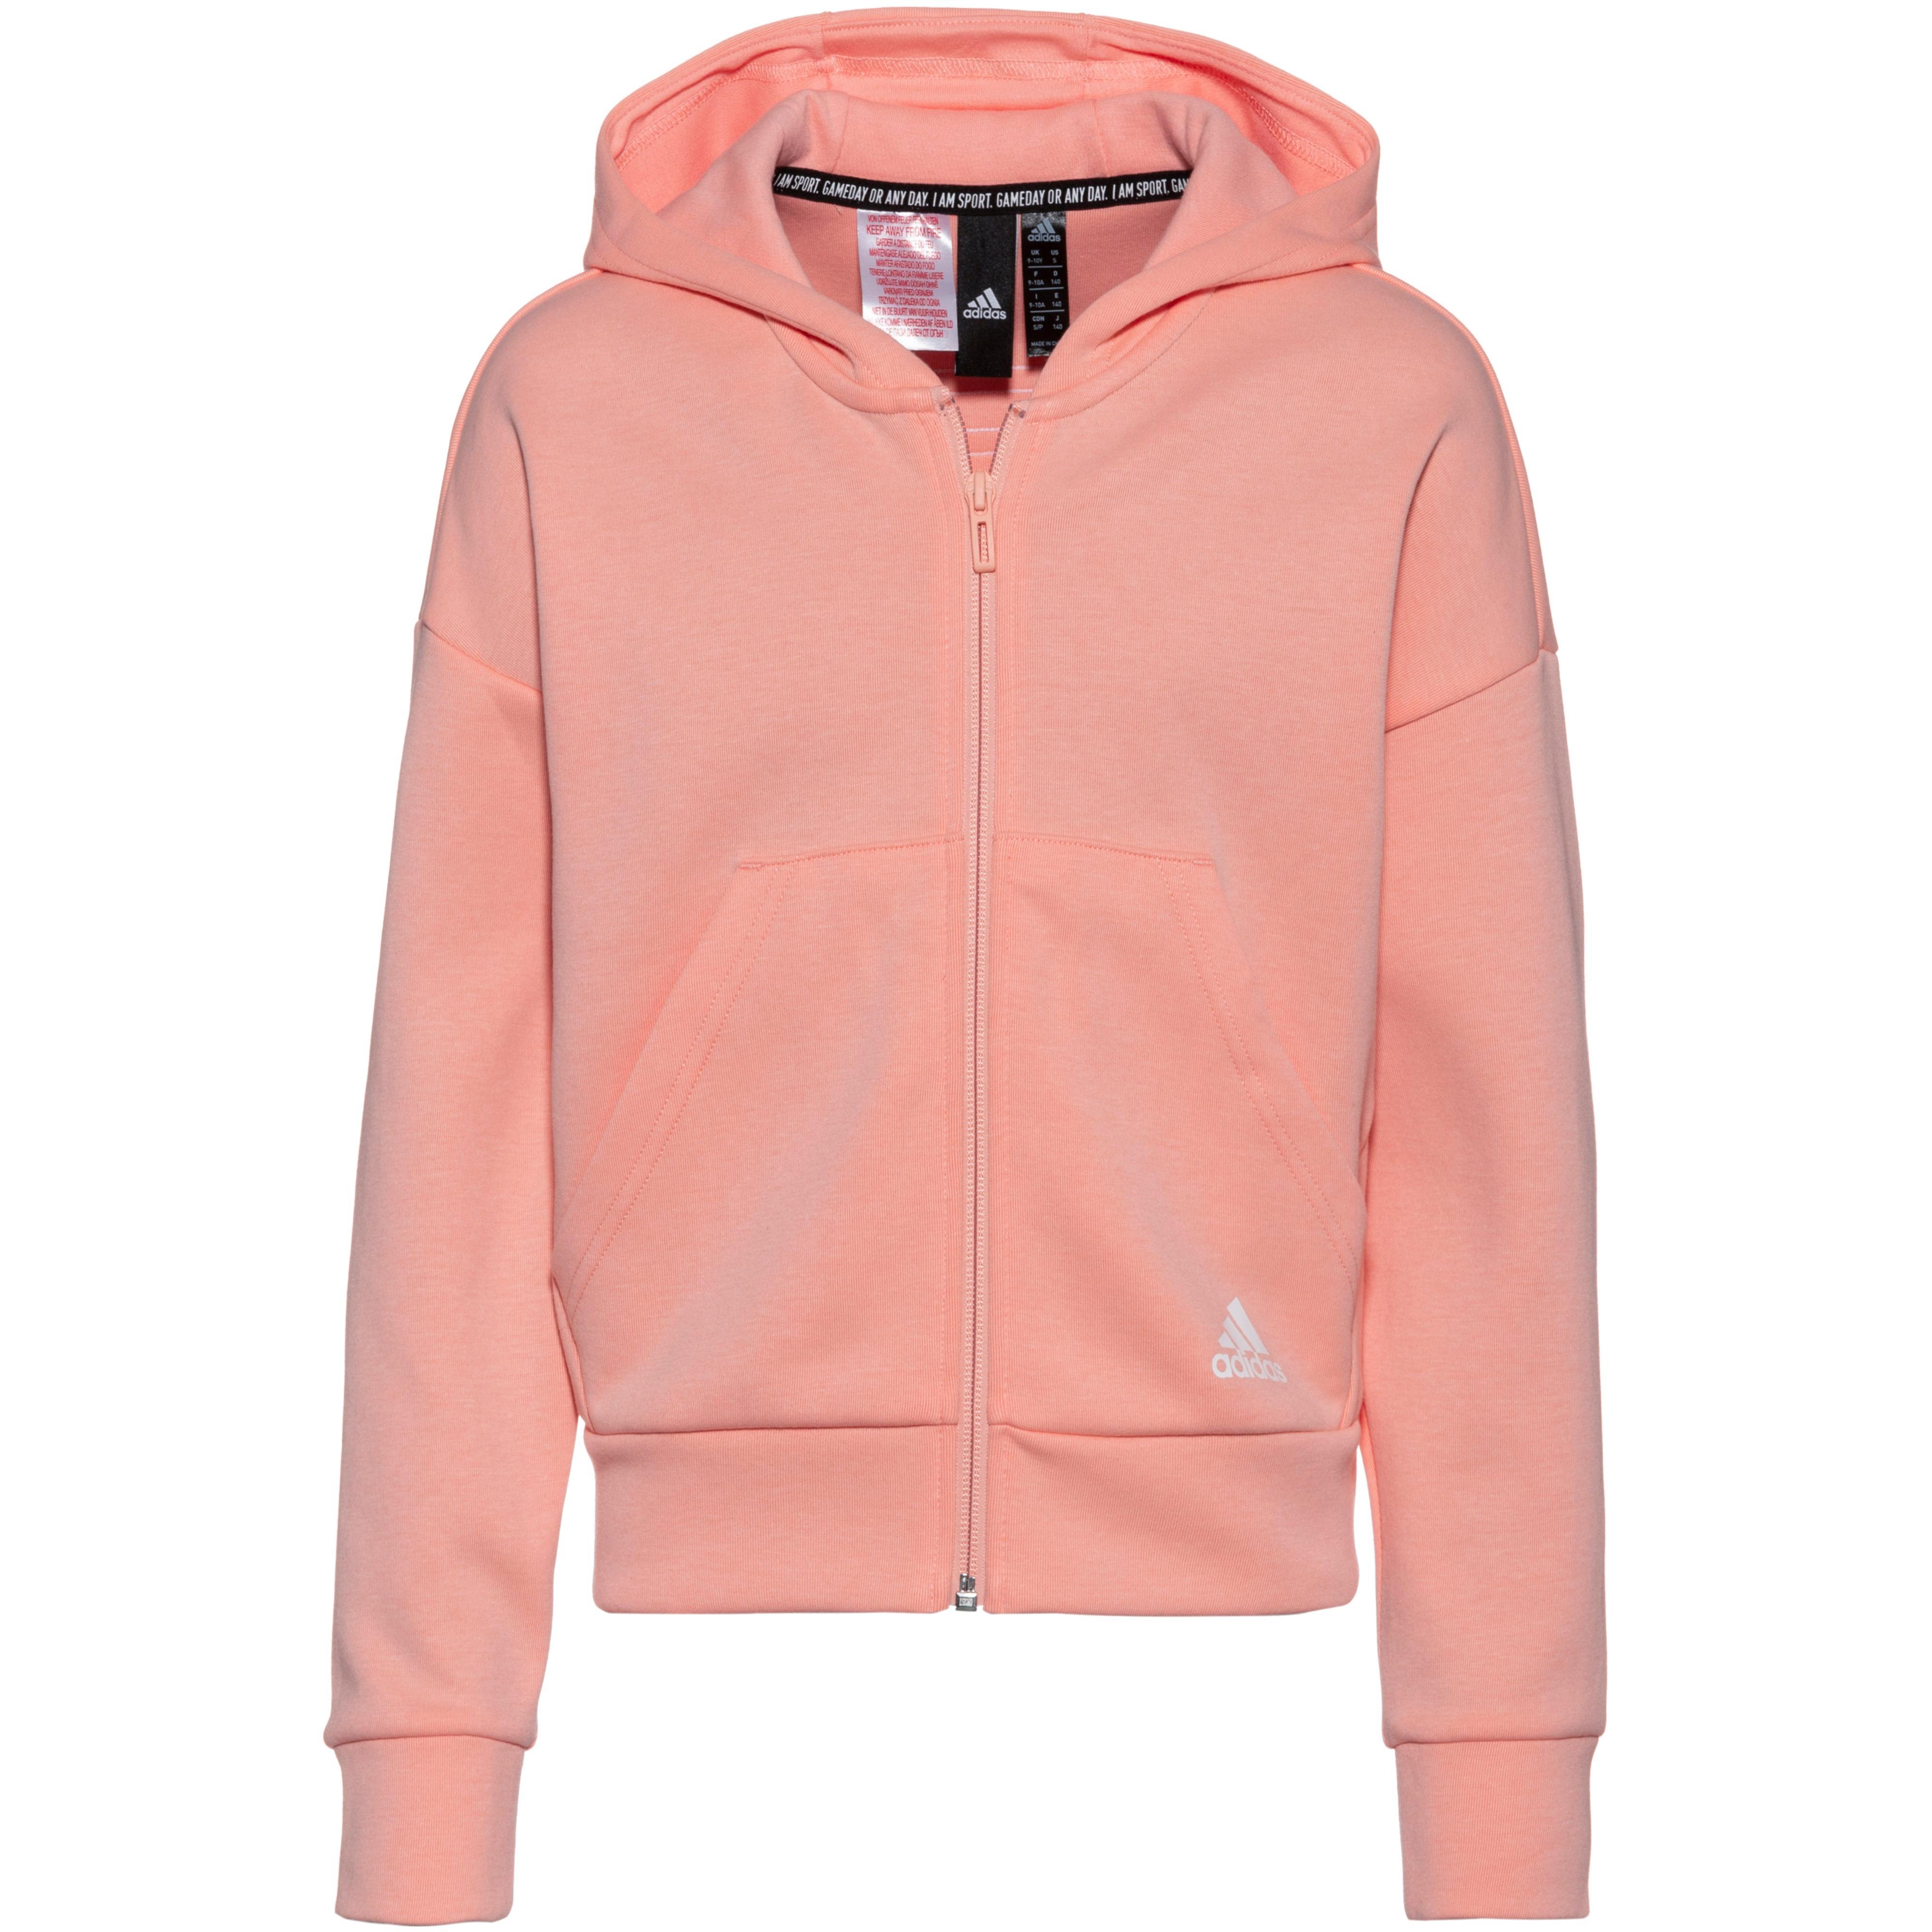 Adidas Trainingsjacke Damen glow pink im Online Shop von